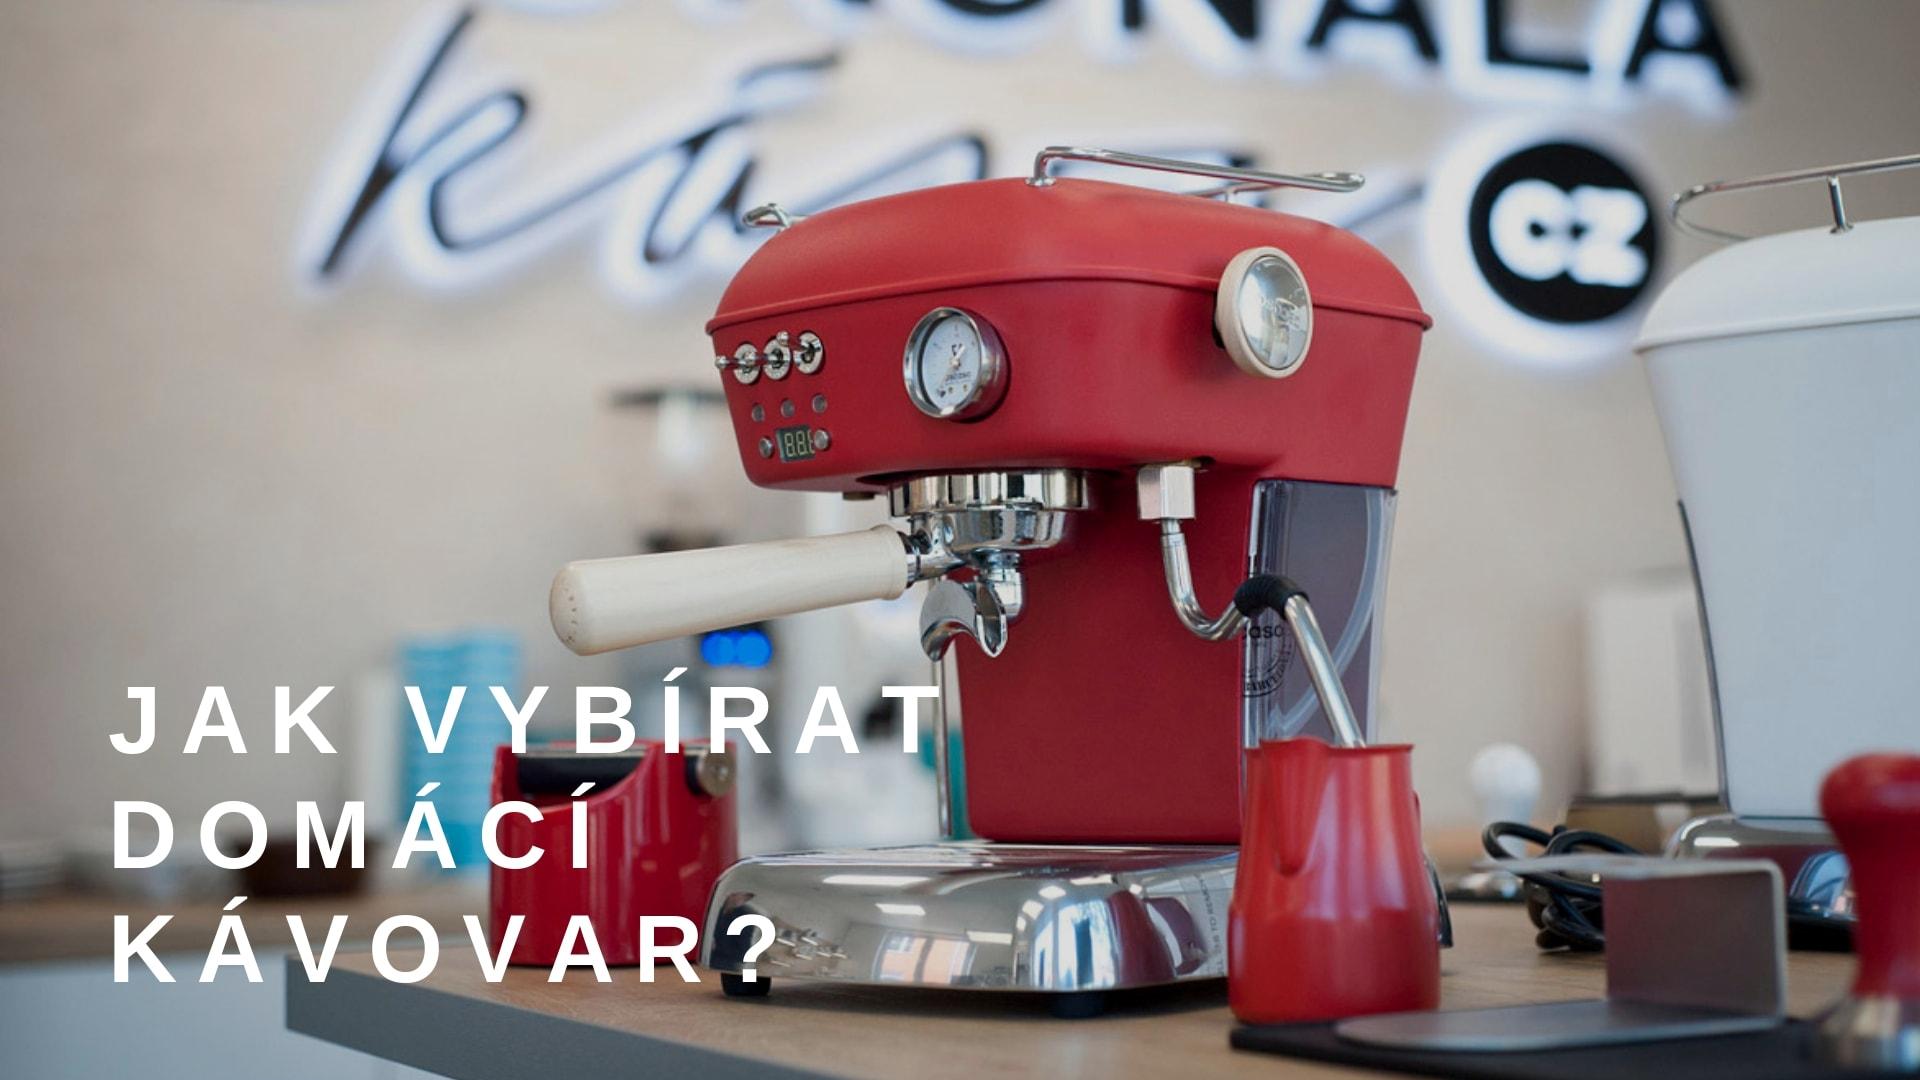 Jak vybírat domácí kávovar